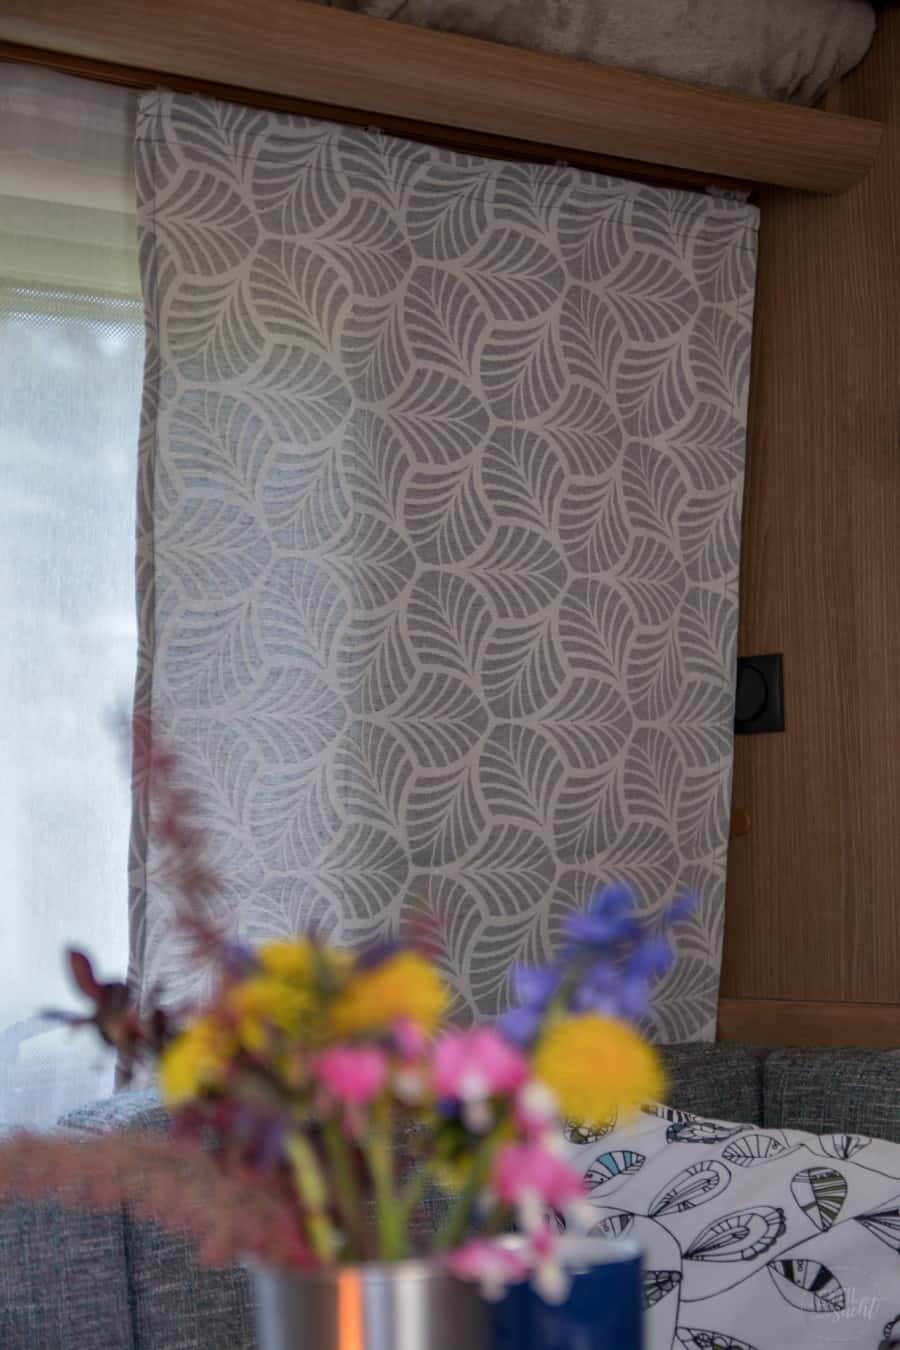 Nähen für den Wohnwagen: Gardinen nähen - Bild 2 - Textilsucht.de